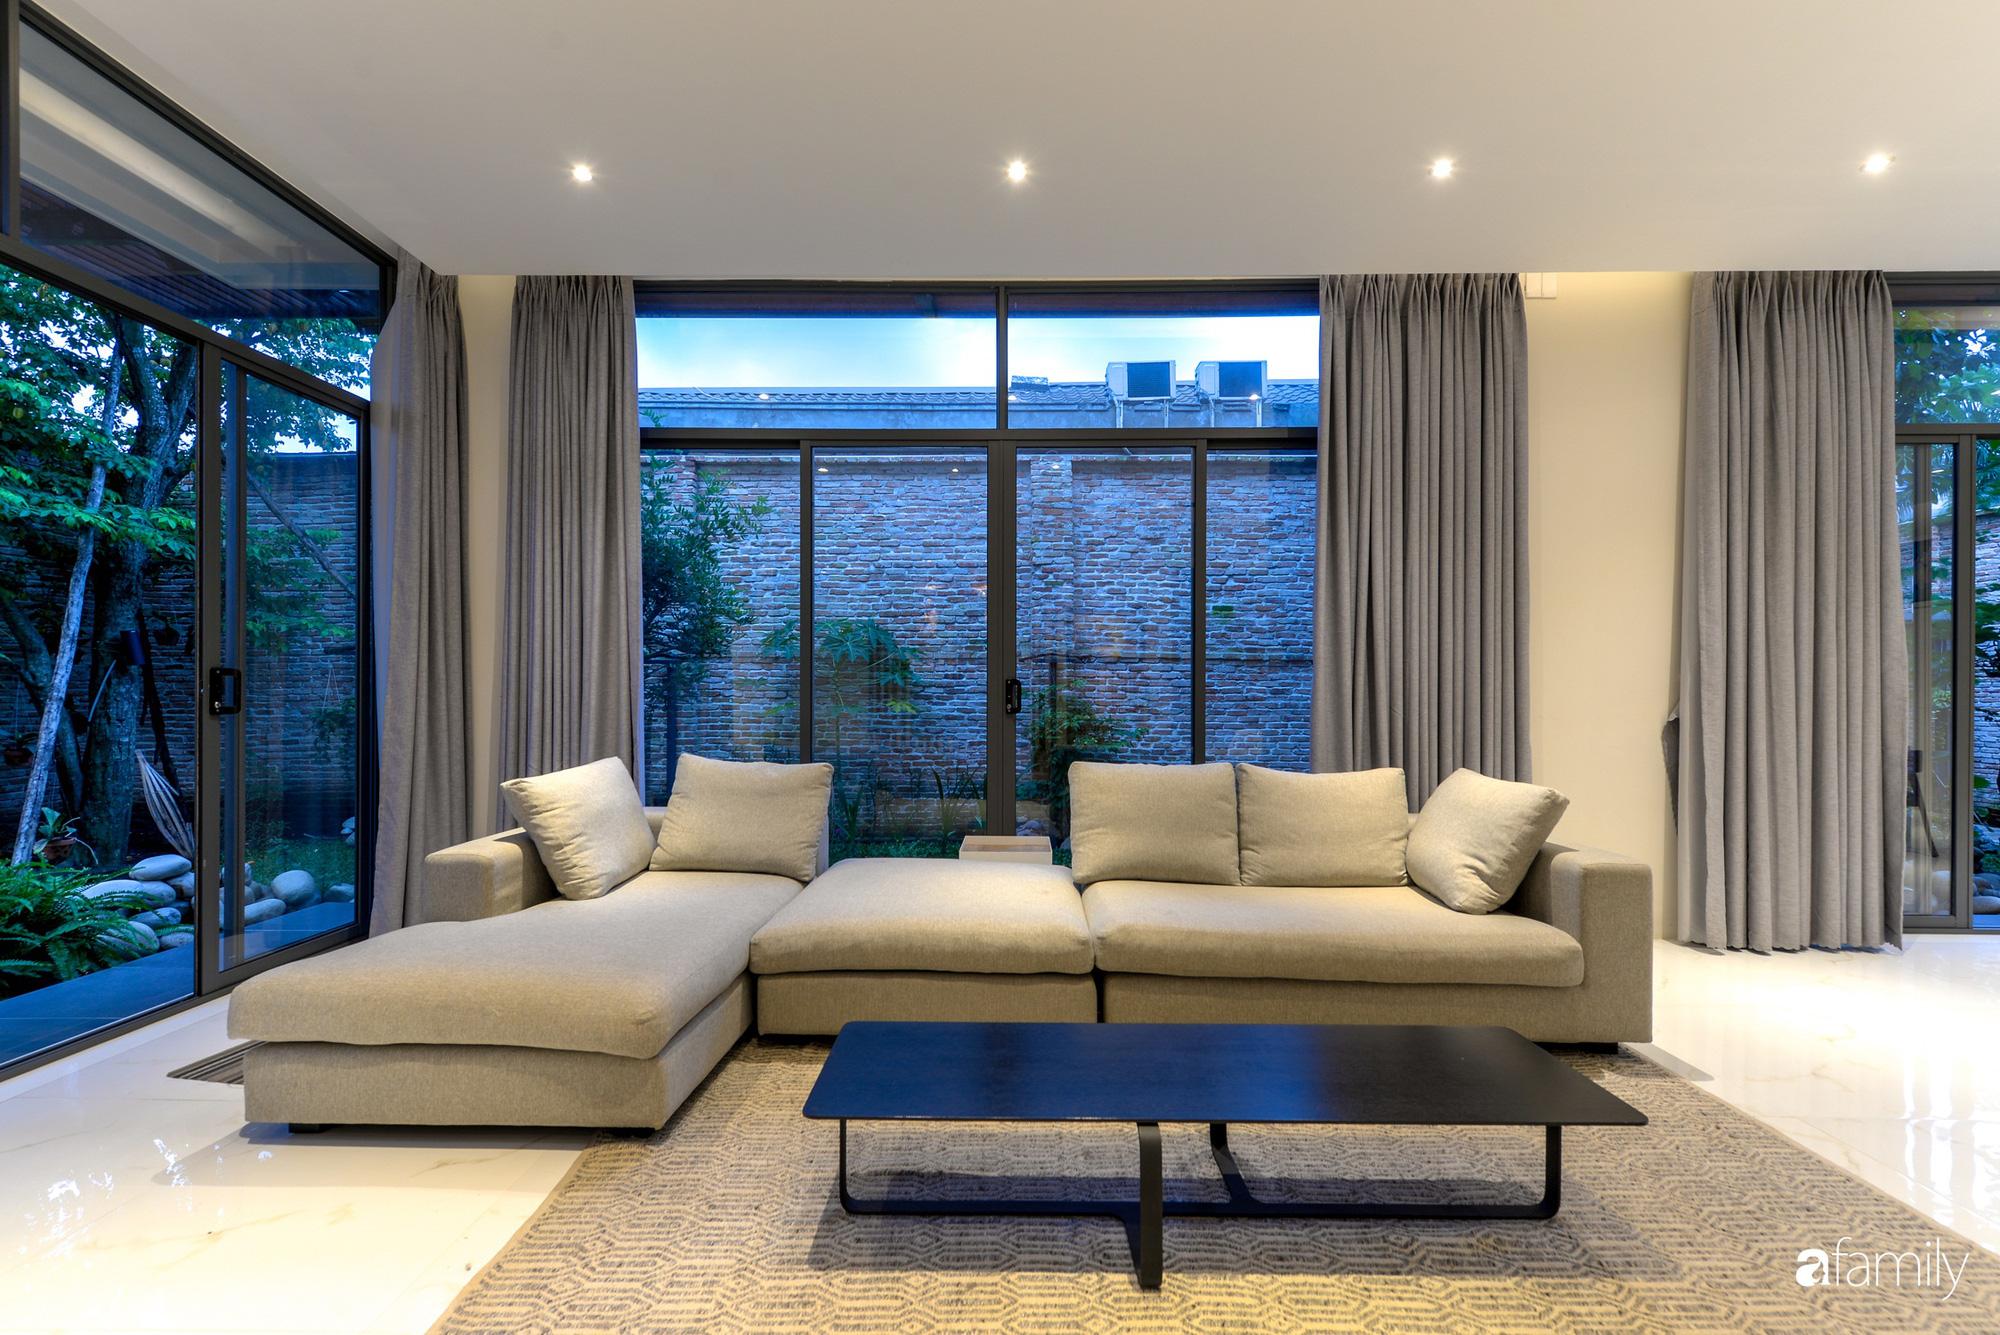 Ngôi nhà rộn ràng sắc màu cây xnh và ánh sáng i ngắm cũng yêu ở TP Biên Hò, Đồng Ni - Ảnh 7.